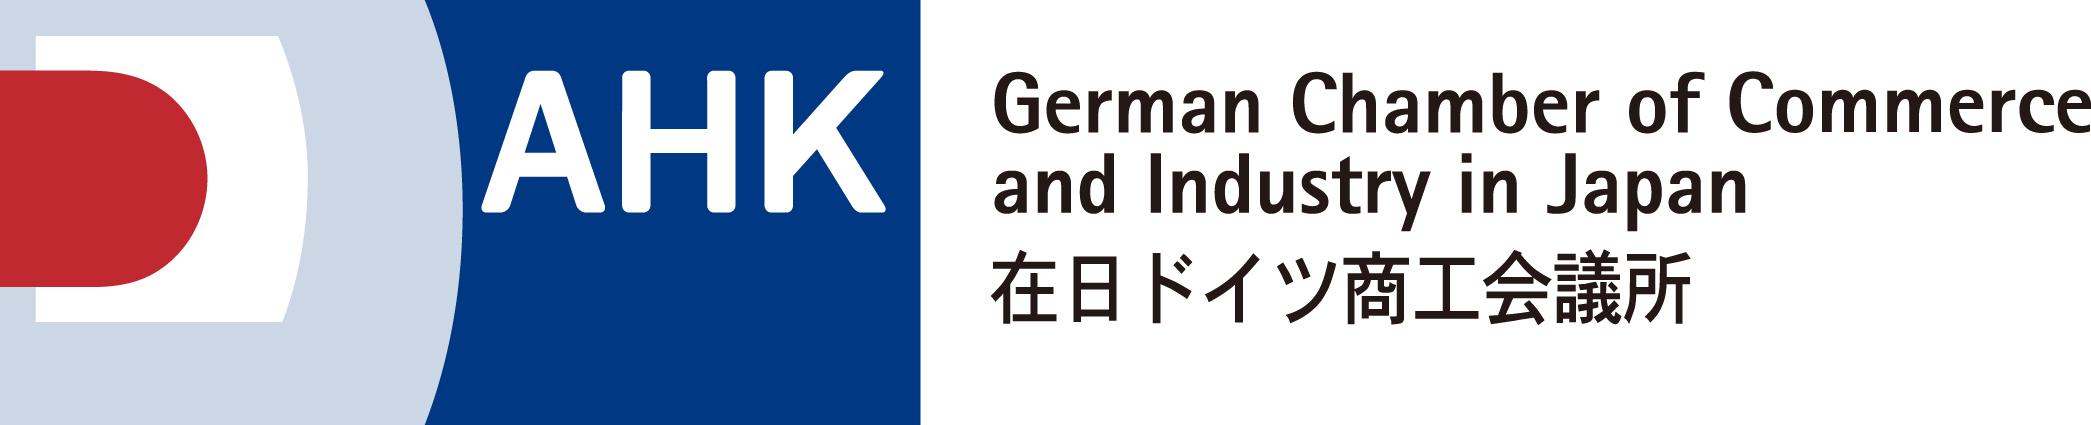 logo_ahk_japan_en.jpg